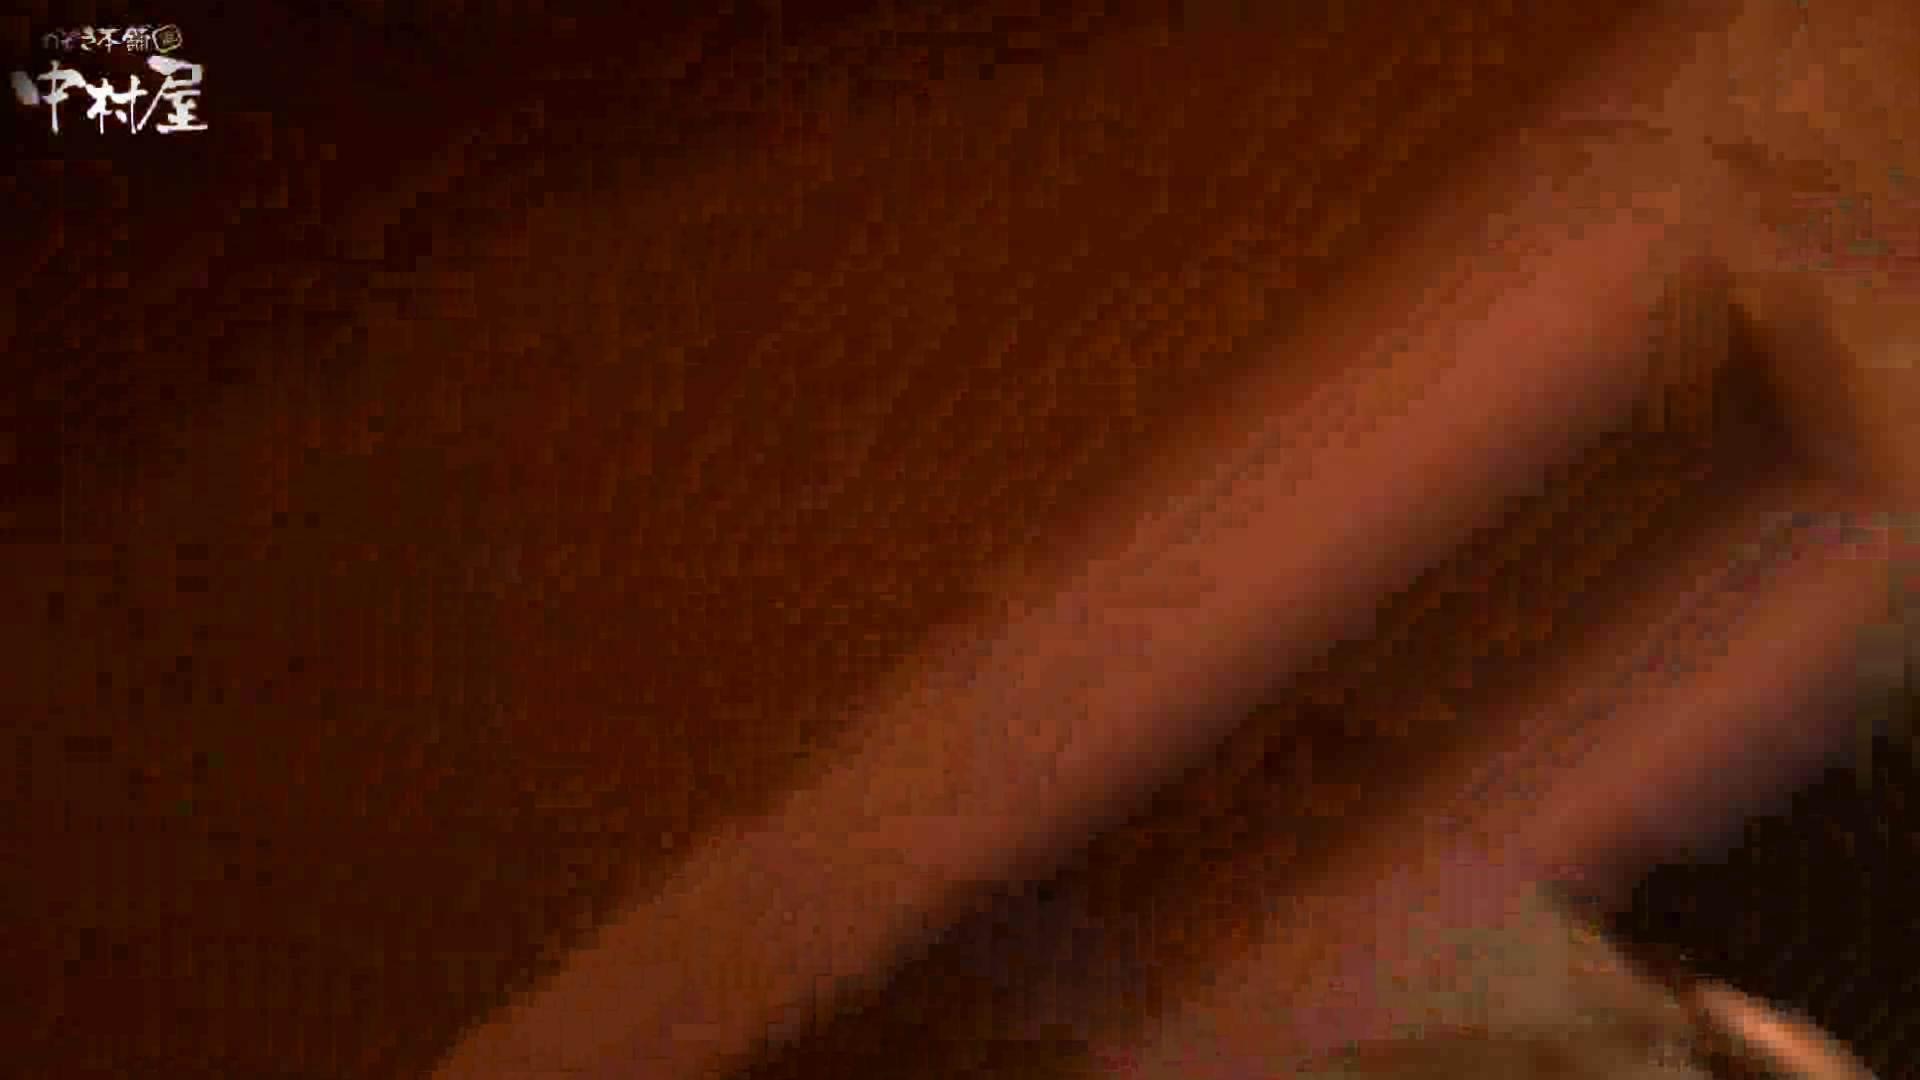 ネムリ姫 vol.41 ハプニング エロ画像 99pic 97